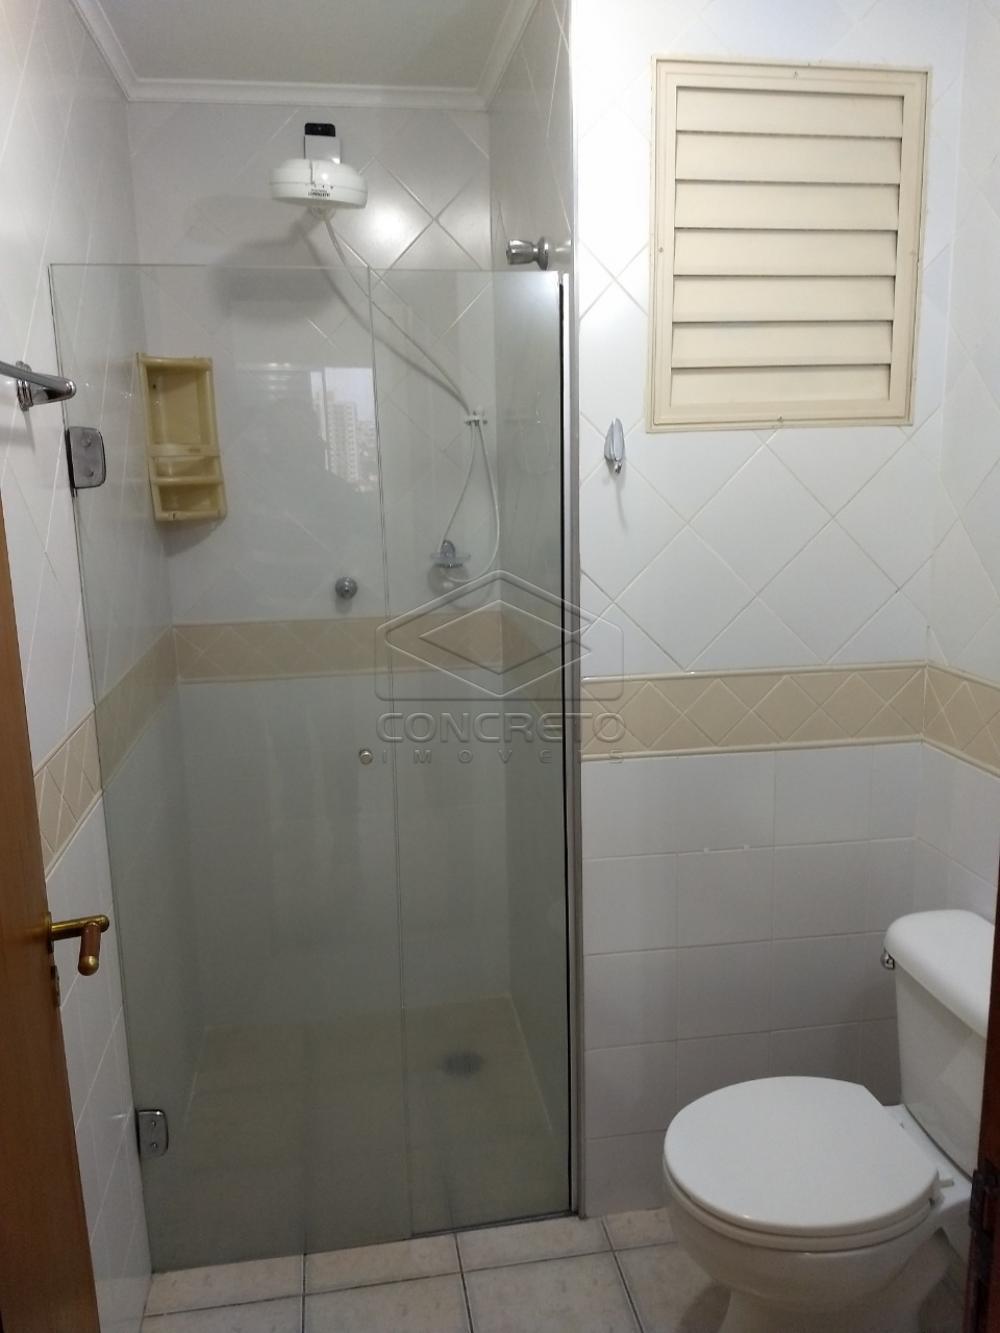 Comprar Apartamento / Padrão em Bauru apenas R$ 200.000,00 - Foto 11